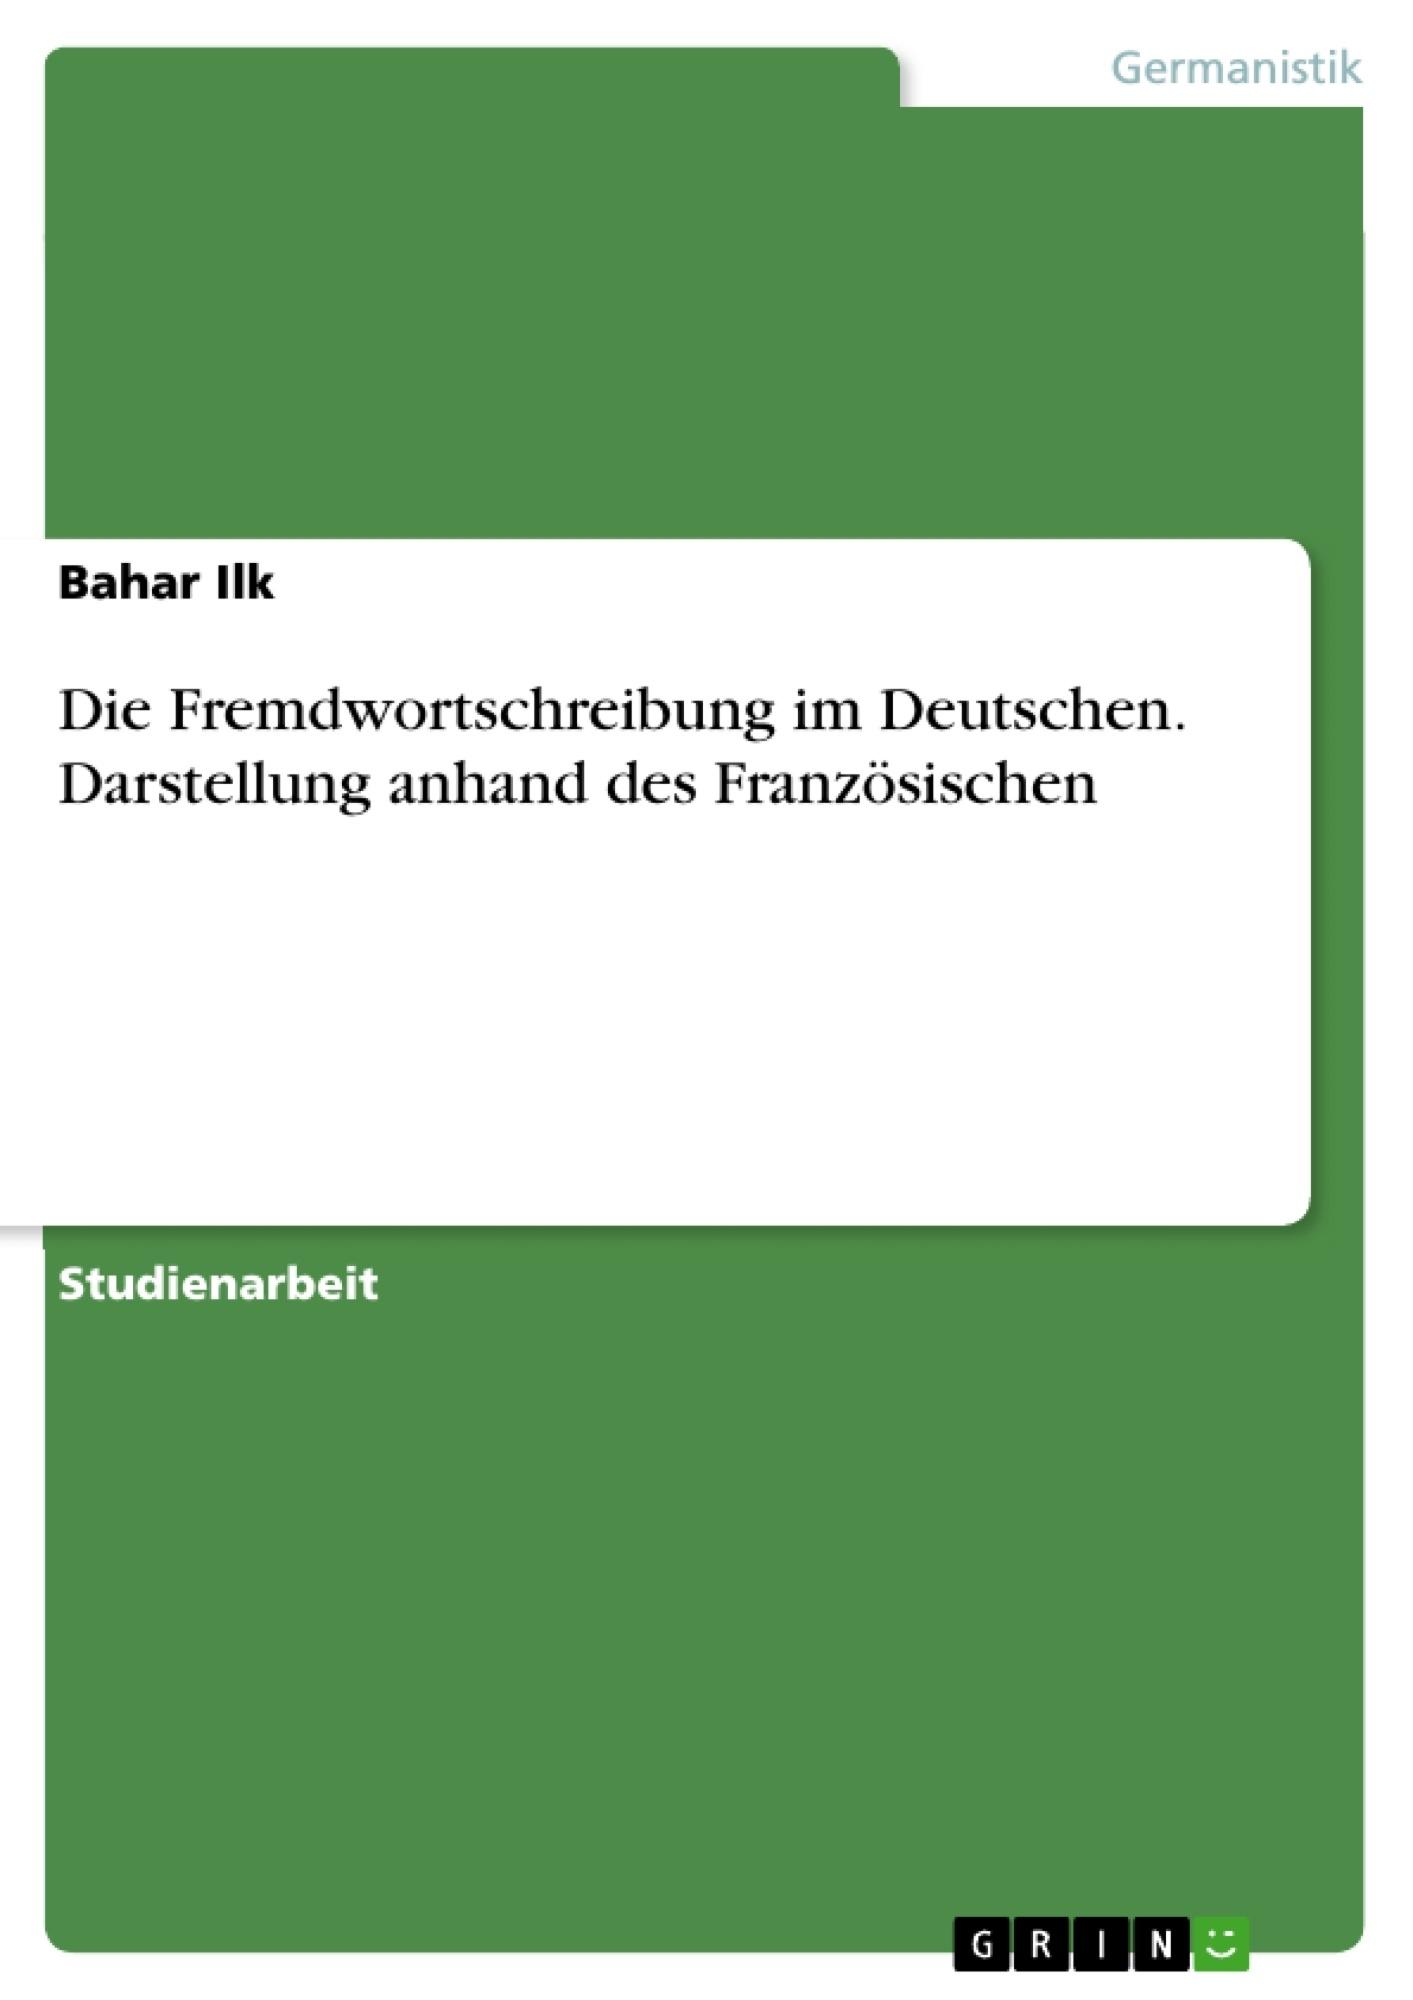 Titel: Die Fremdwortschreibung im Deutschen. Darstellung anhand des Französischen